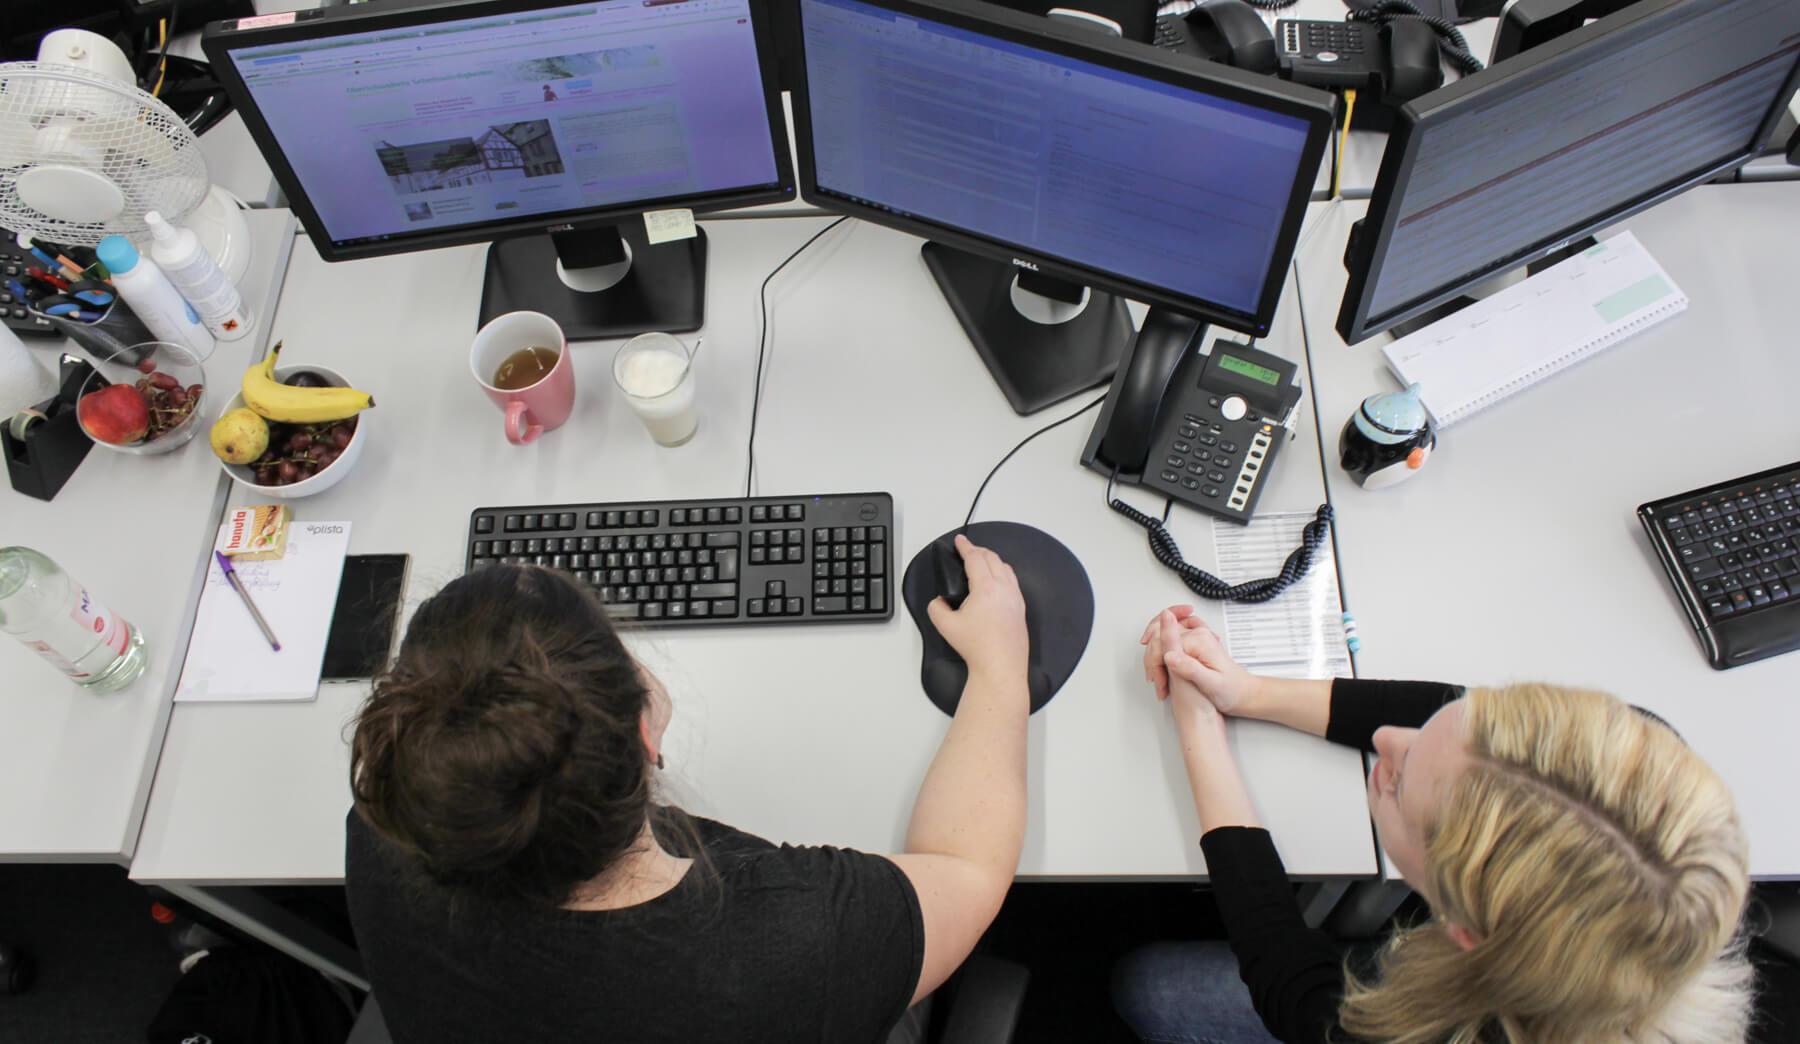 Digitale Leute - Kerstin Timm - Artaxo - Kerstin bespricht sich viel mit ihren Kollegen, um die Projekte am Laufen zu halten.